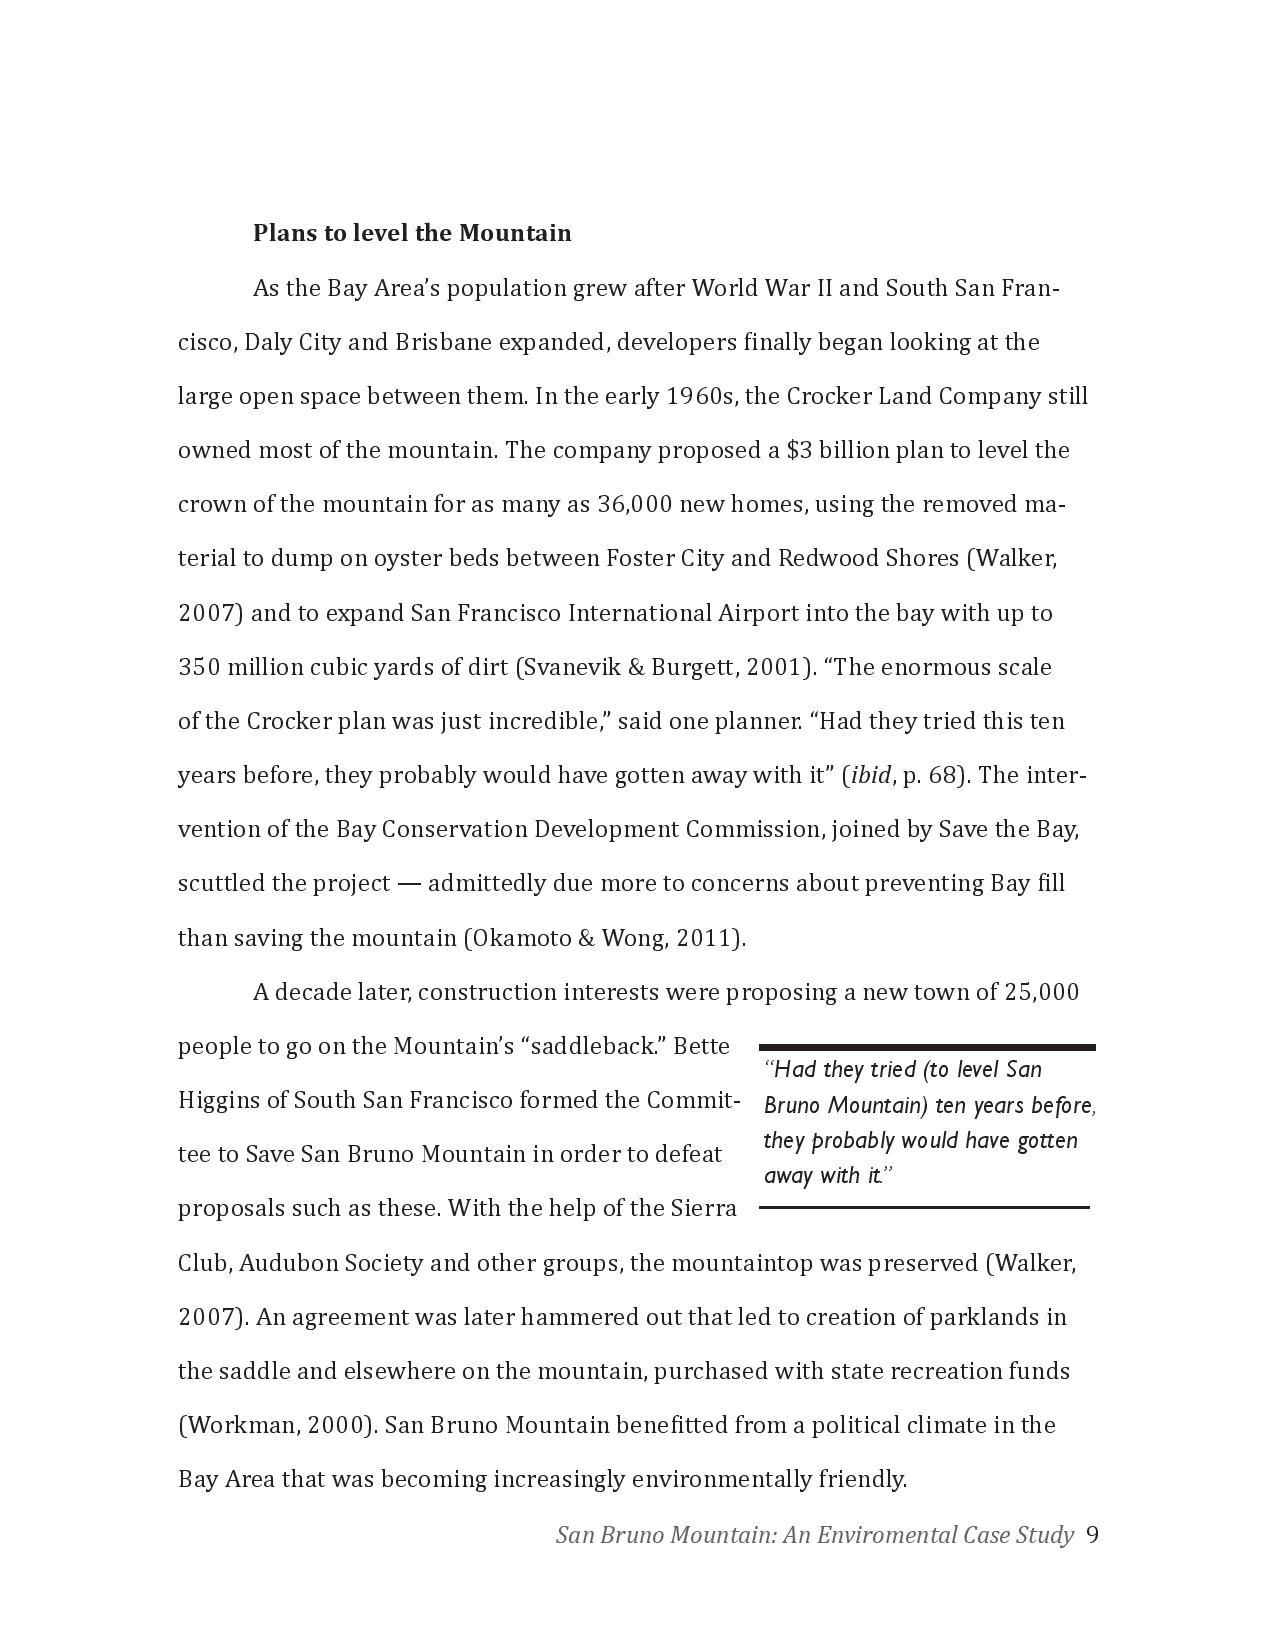 SBM An Environmental Case Study J Baker-page-009